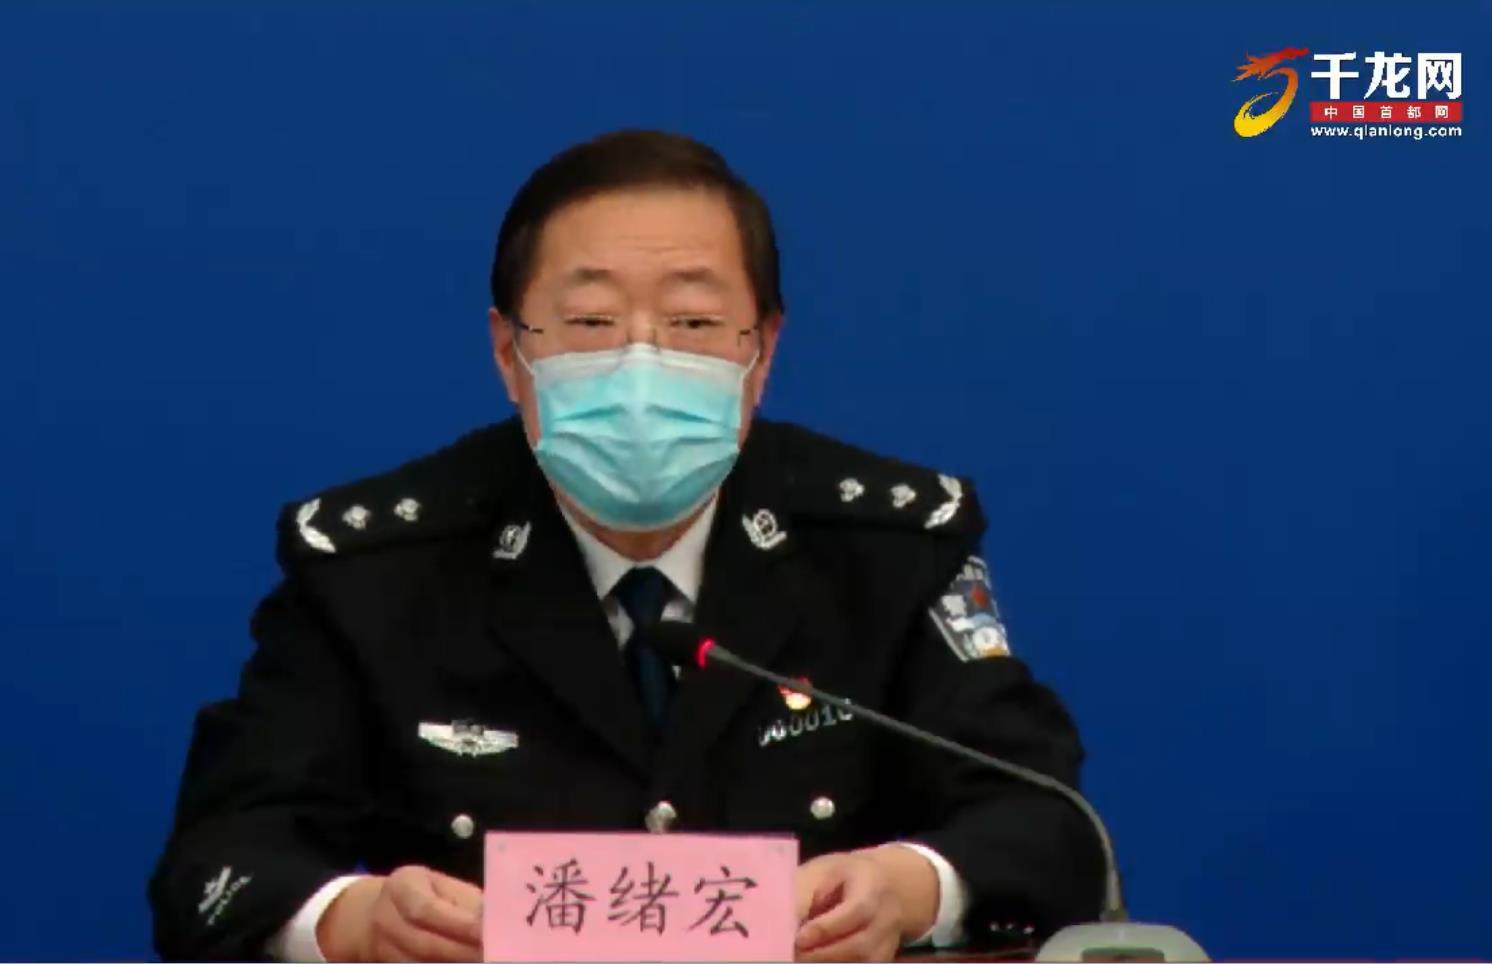 北京一男子故意隐瞒出入境行为被拘